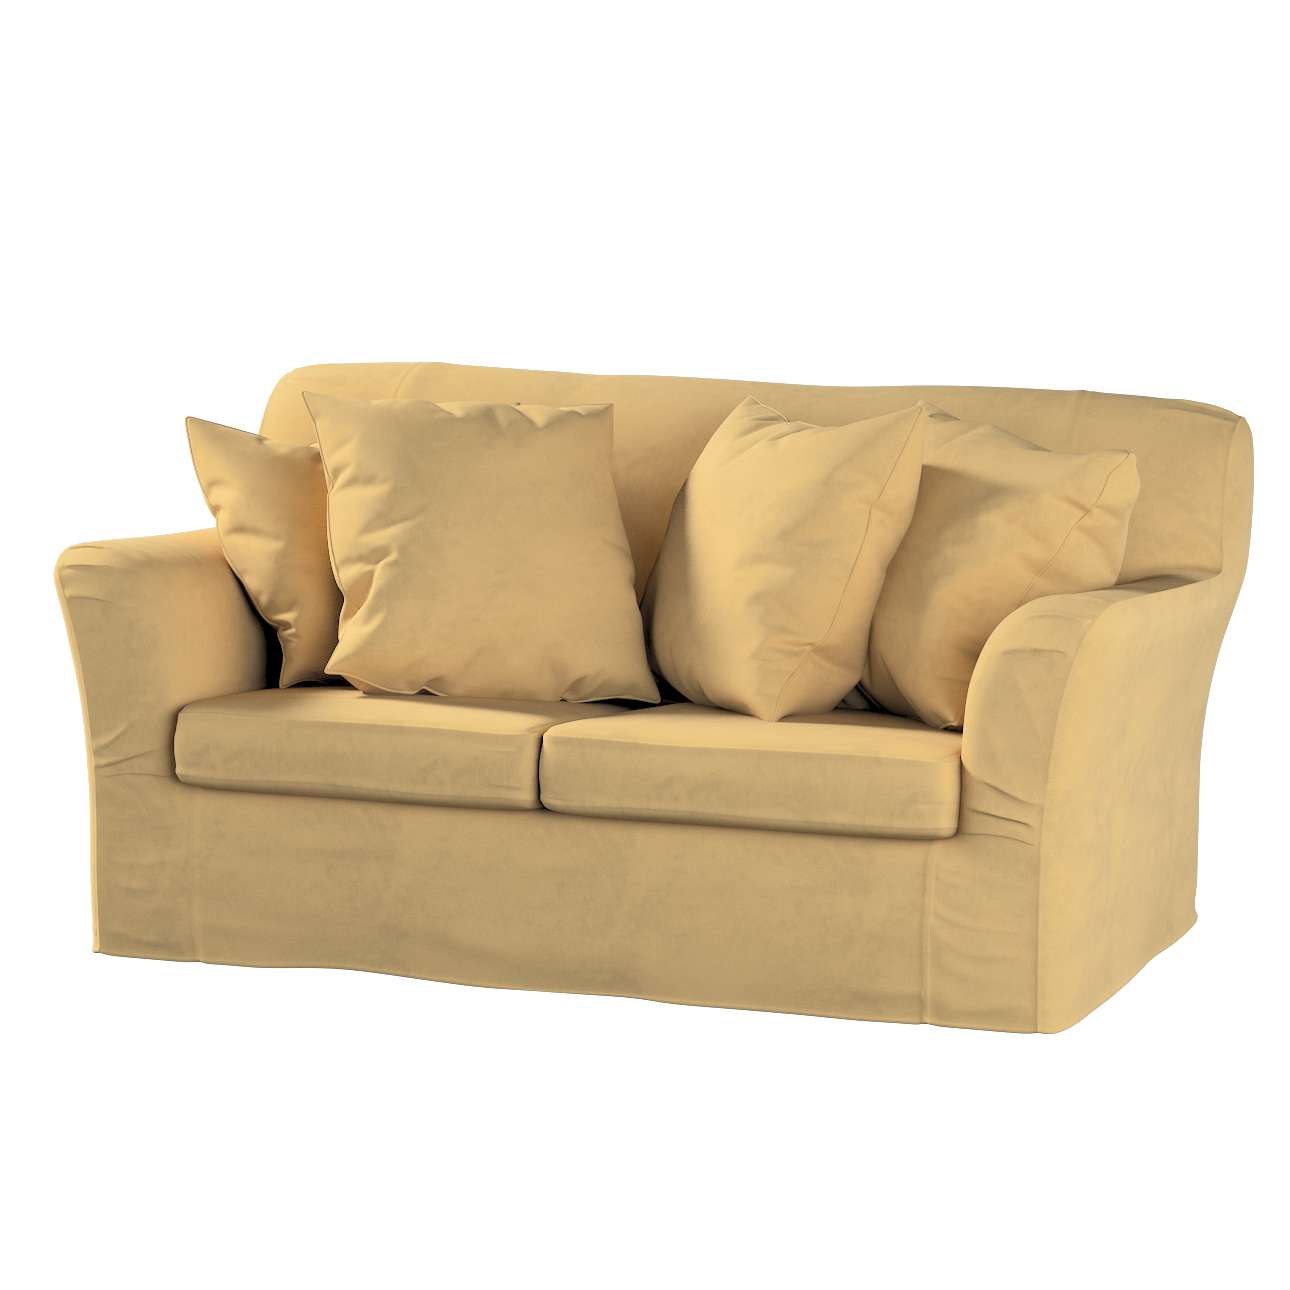 Pokrowiec na sofę Tomelilla 2-osobową nierozkładaną w kolekcji Living II, tkanina: 160-93